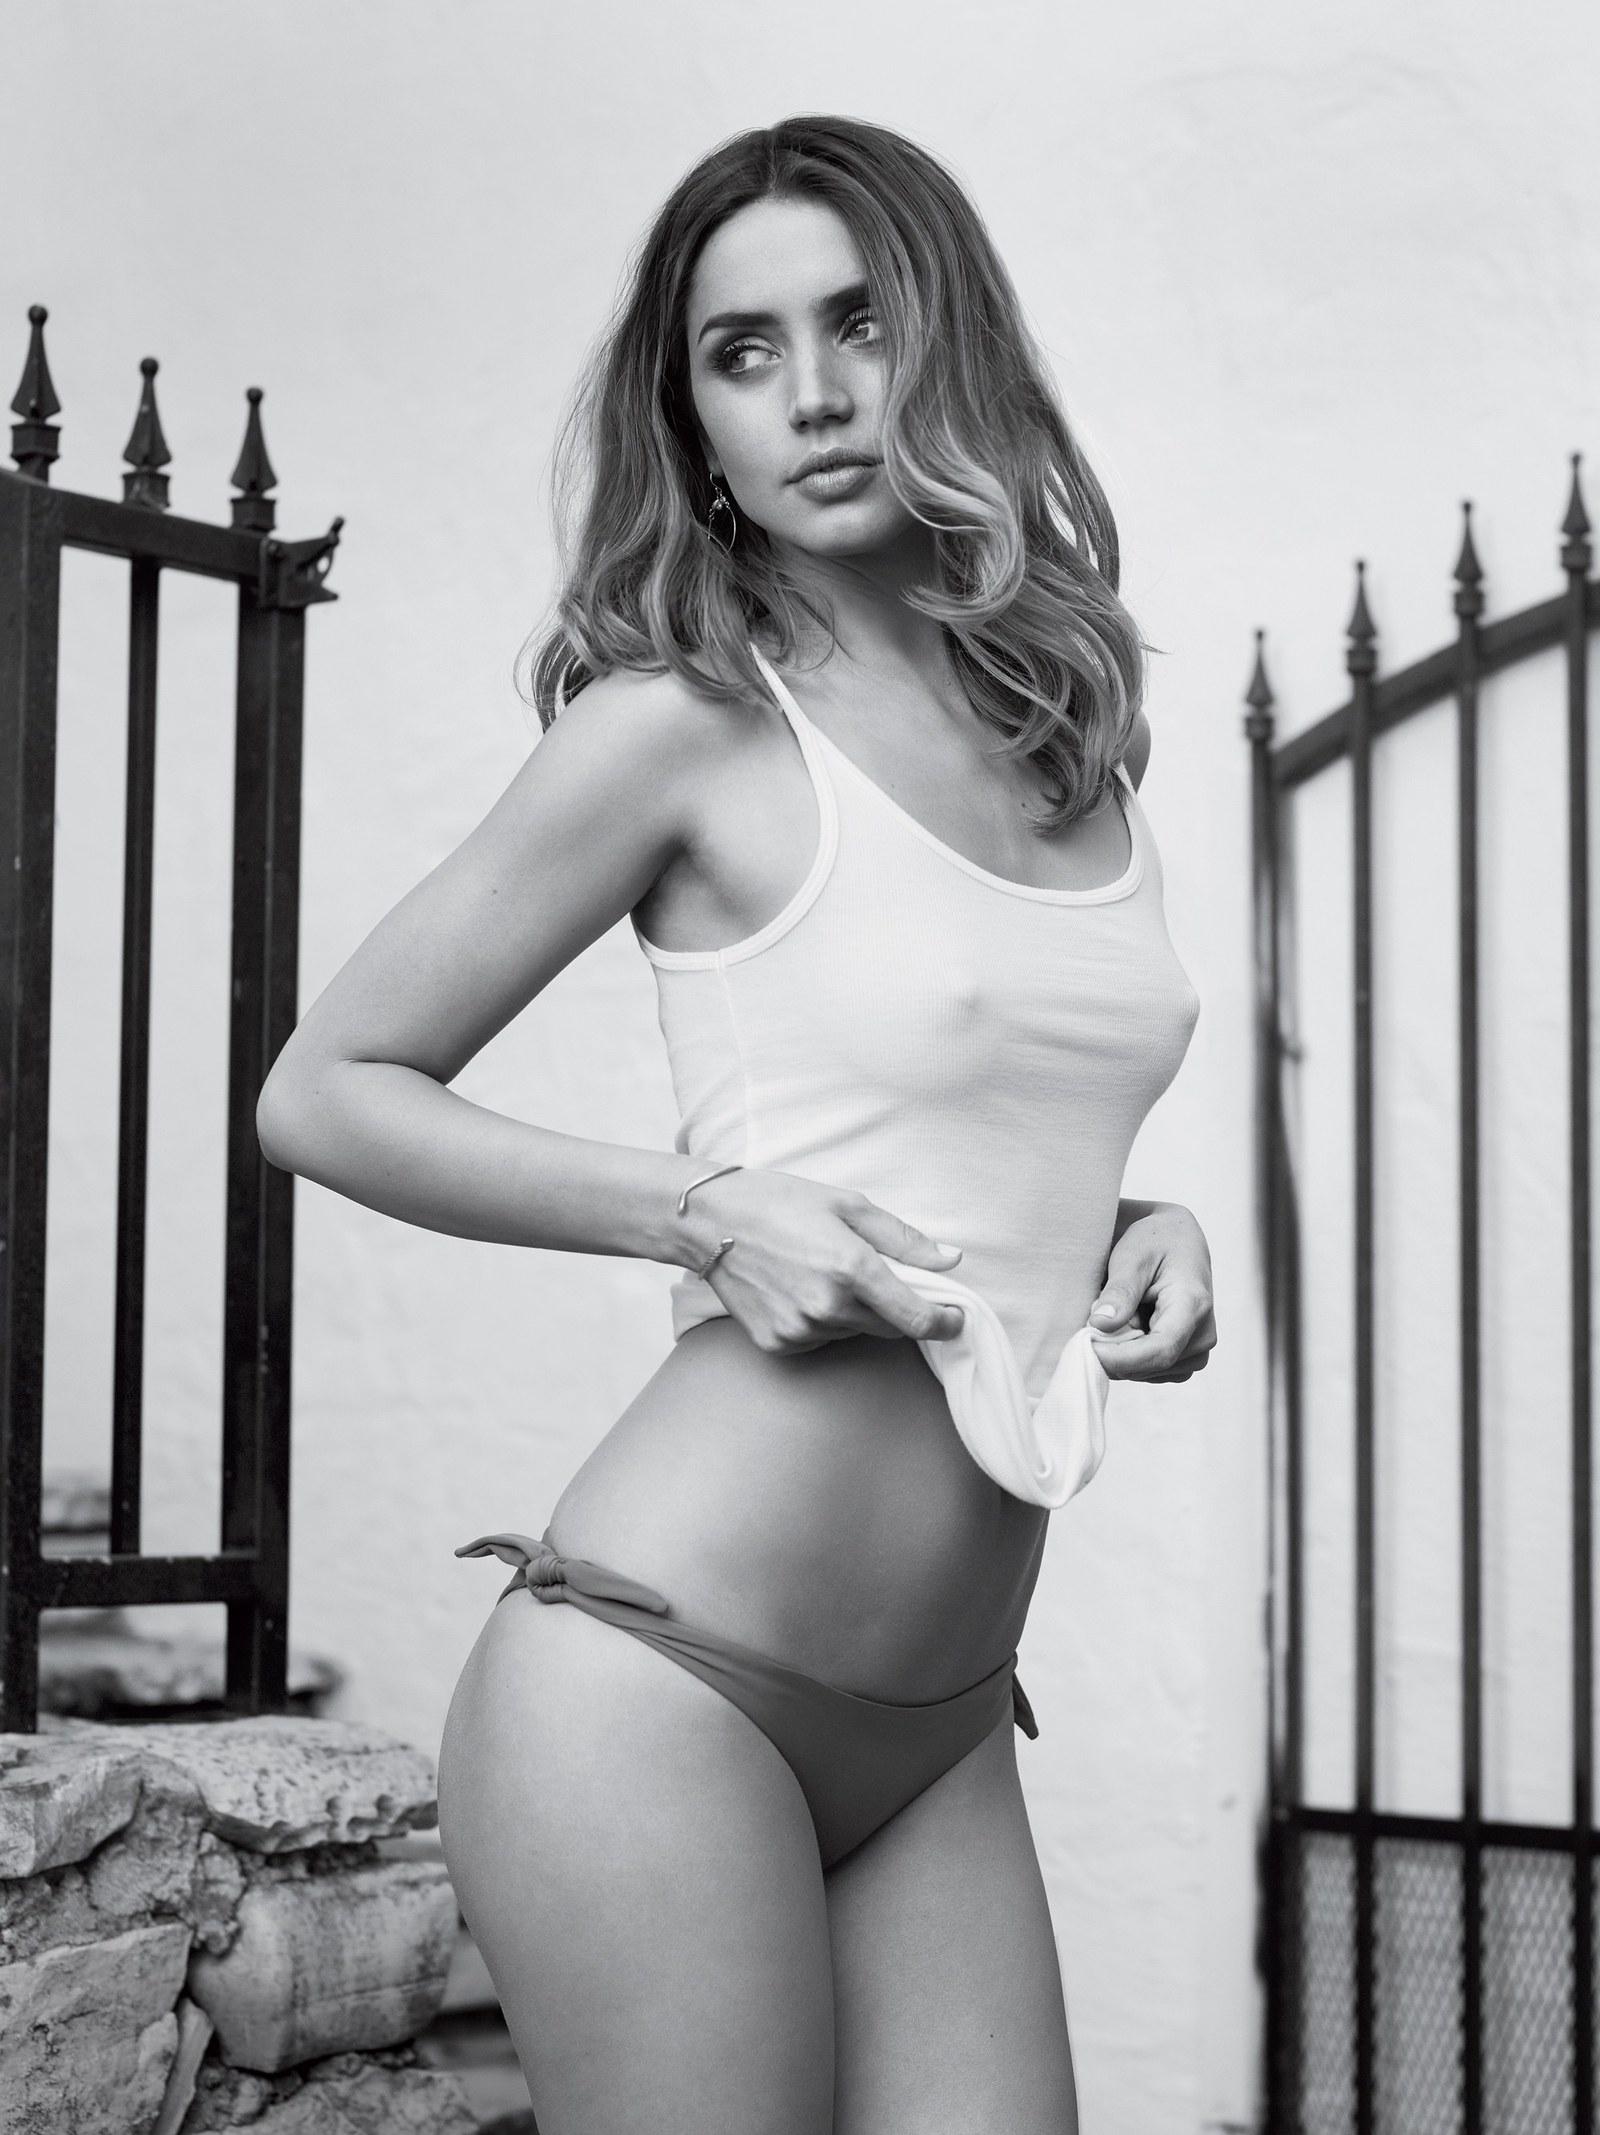 Erotica Ana de Armas nude photos 2019